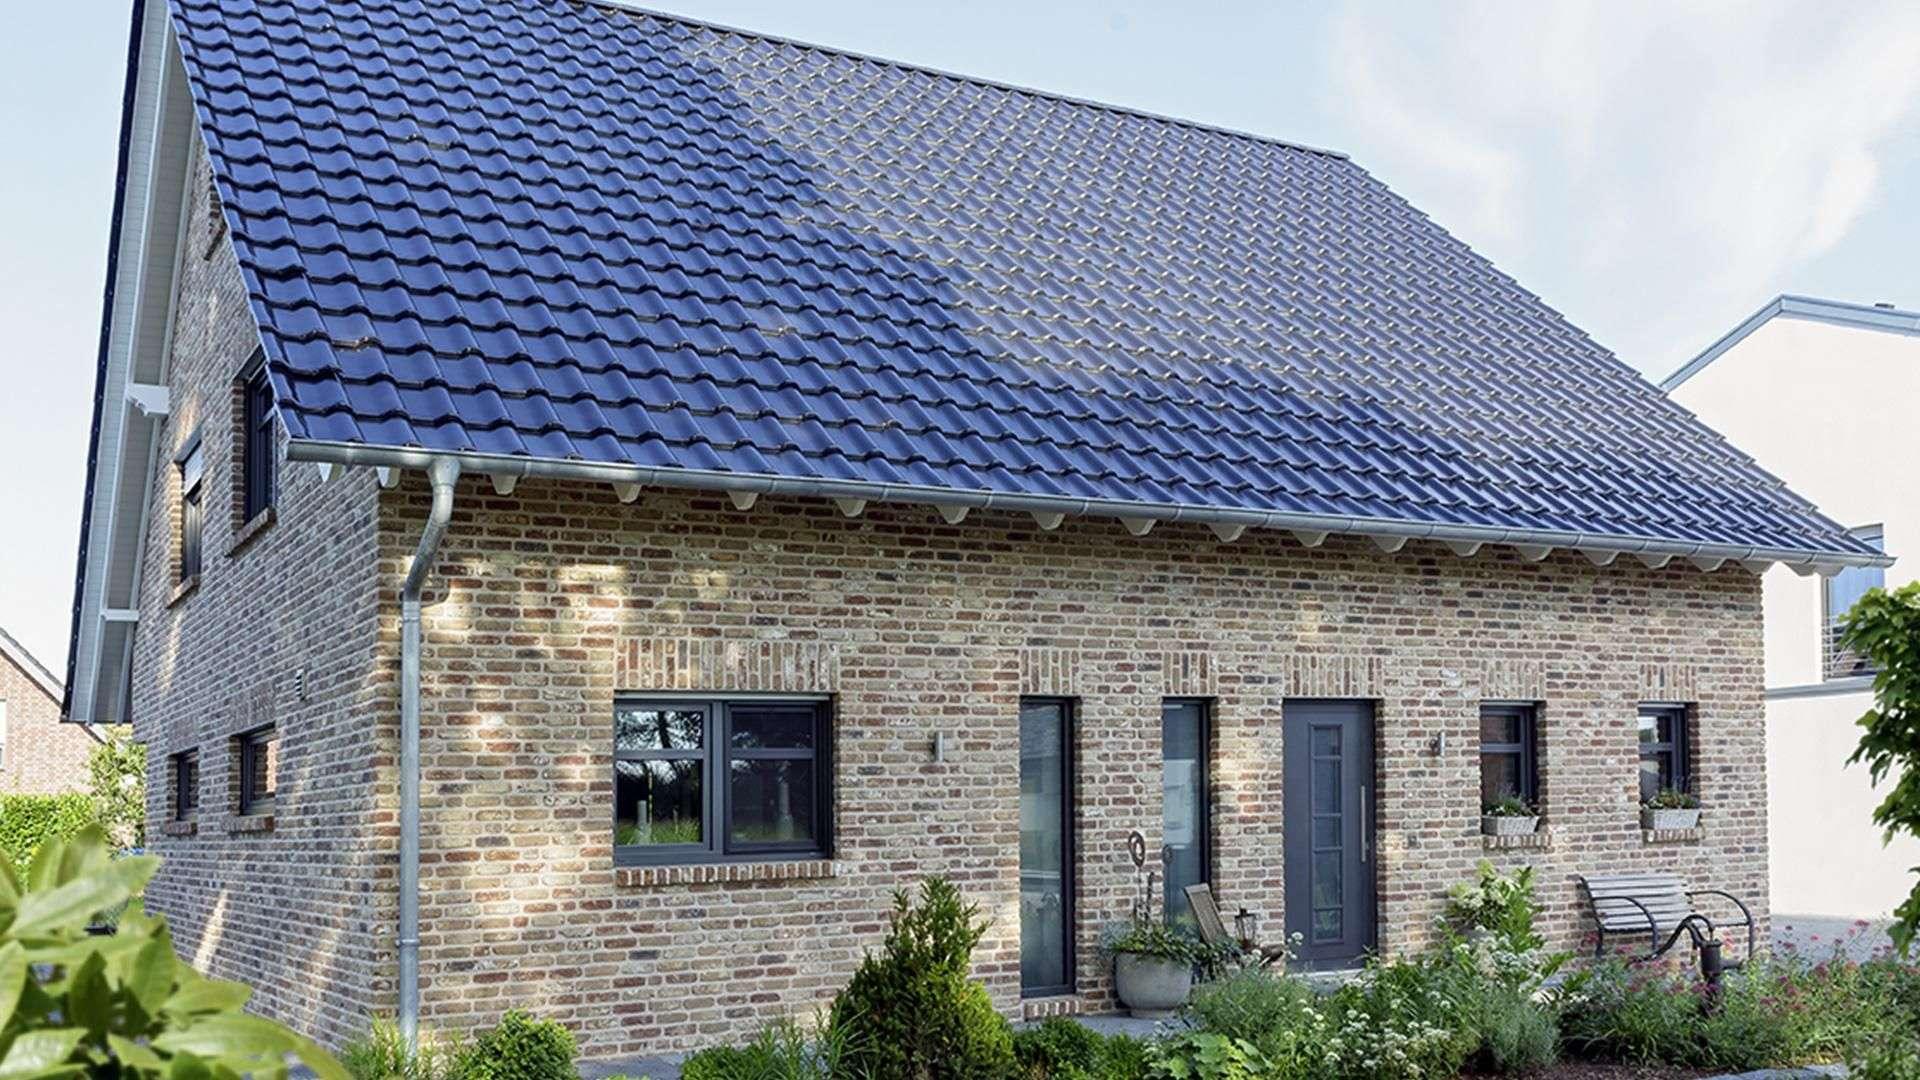 Einfamilienhaus mit grauer Haustür und Spitzdach